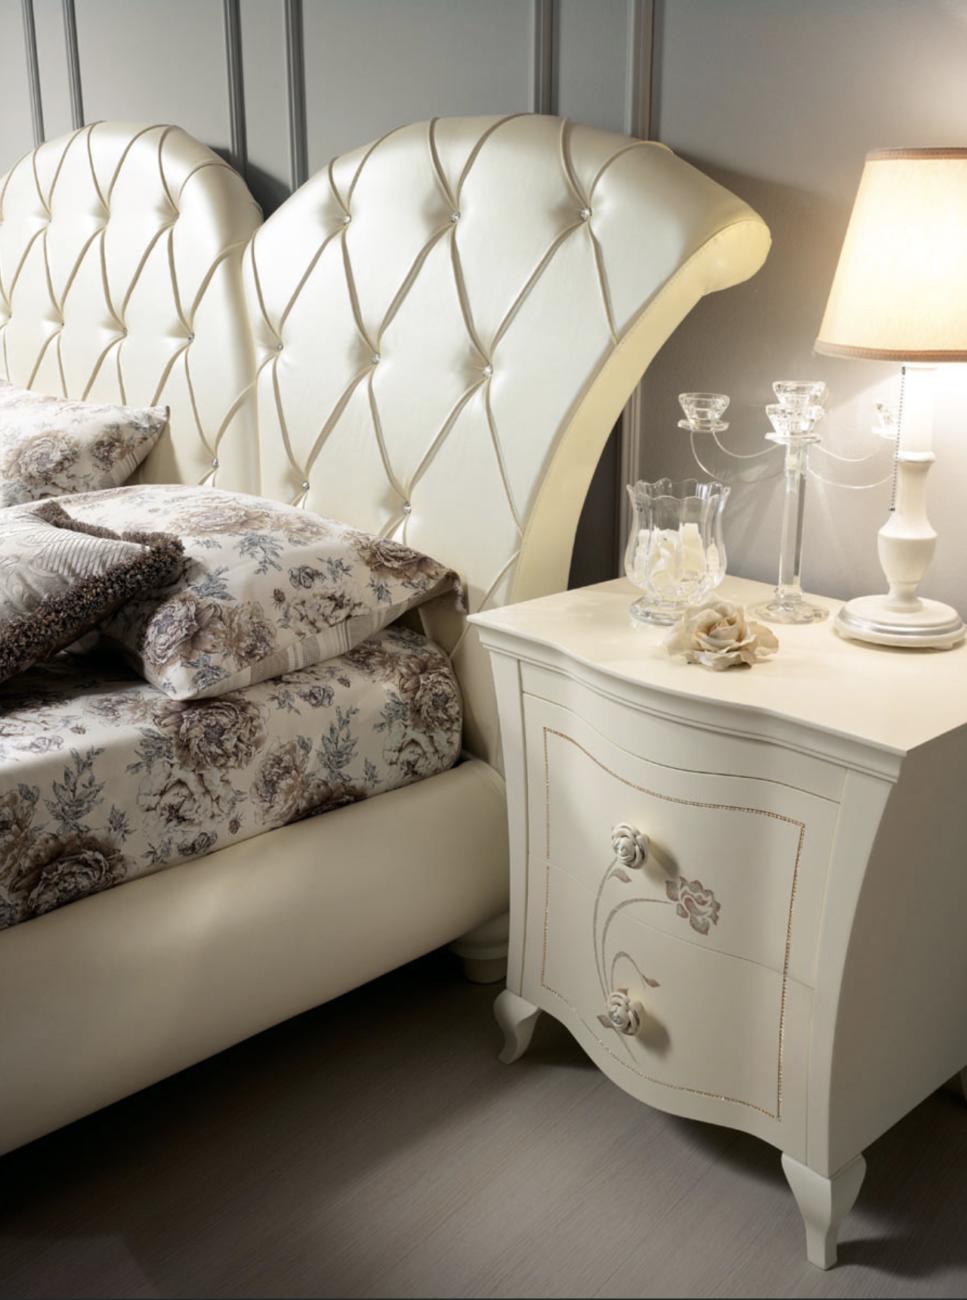 Camera da letto C36 Prestige - Spar - Gruppo Inventa Arredamento ...